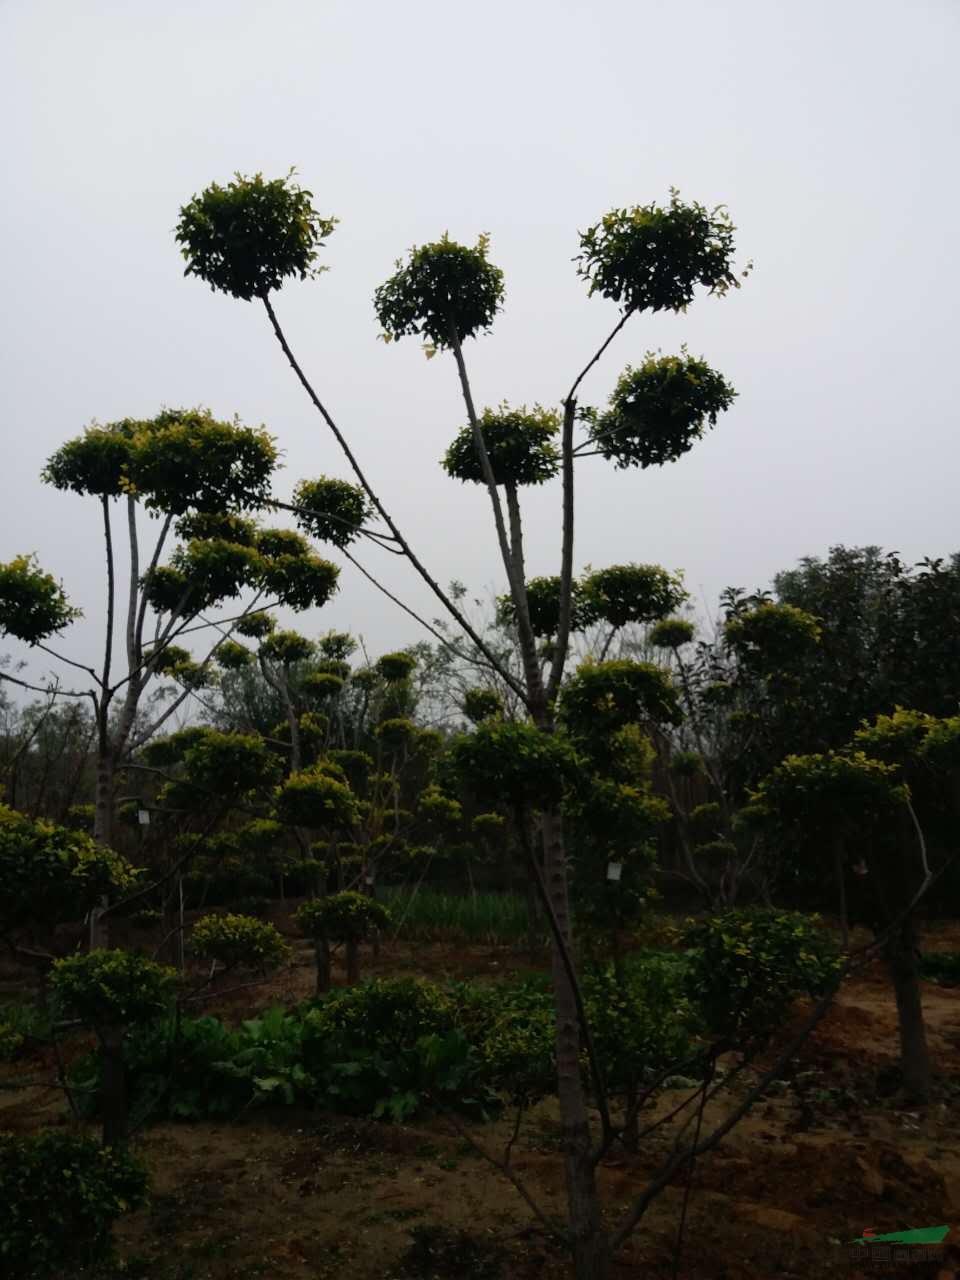 低价销售各种规格的绿化苗木,及花卉宿根植物